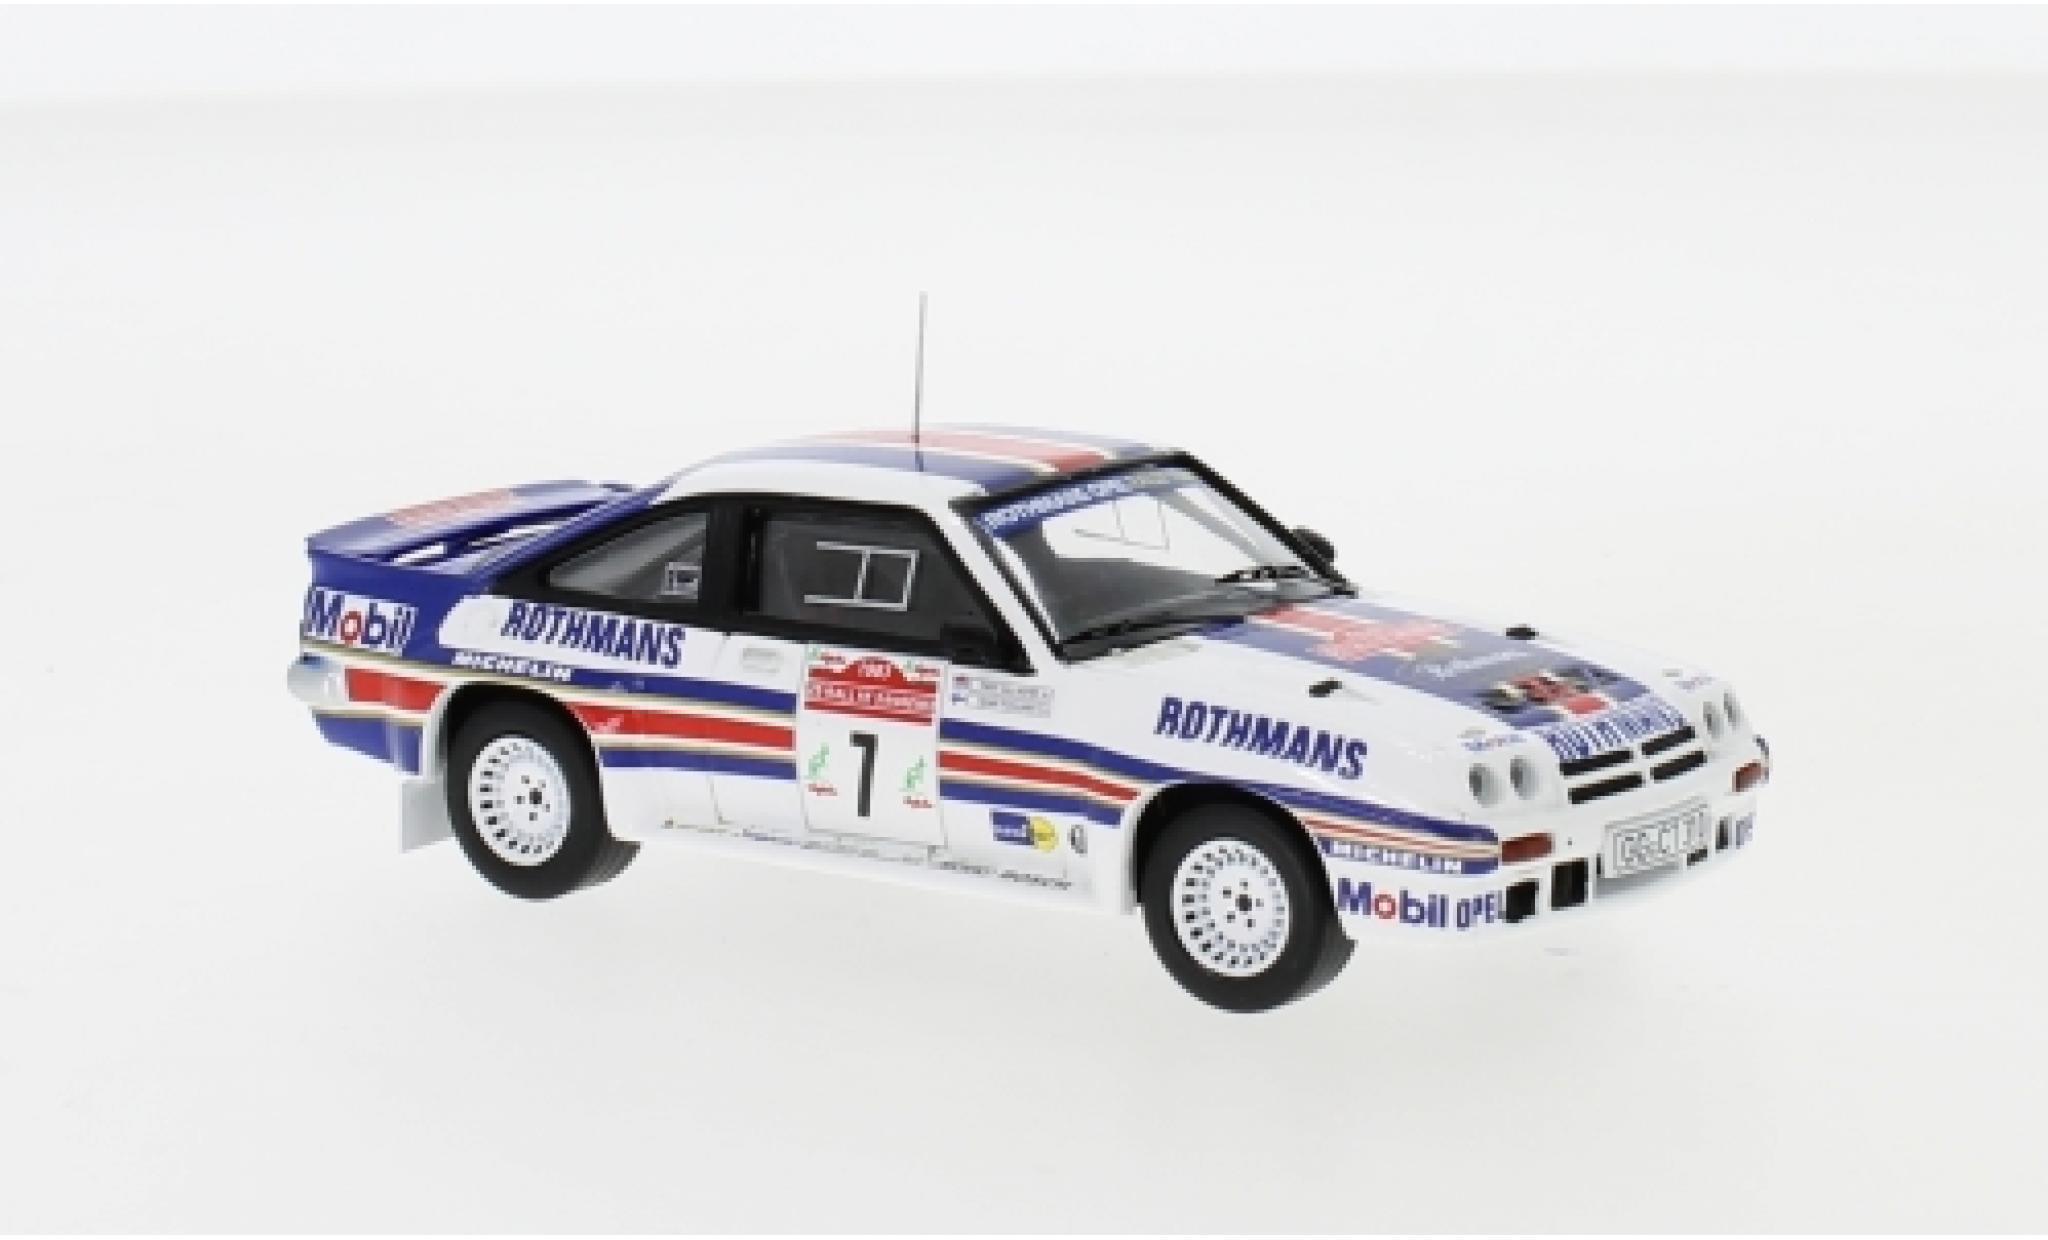 Opel Manta 1/43 IXO 400 No.7 Rothmans Rally Team Rothmans Rallye WM Rallye San Remo 1983 H.Toivonen/F.Gallagher